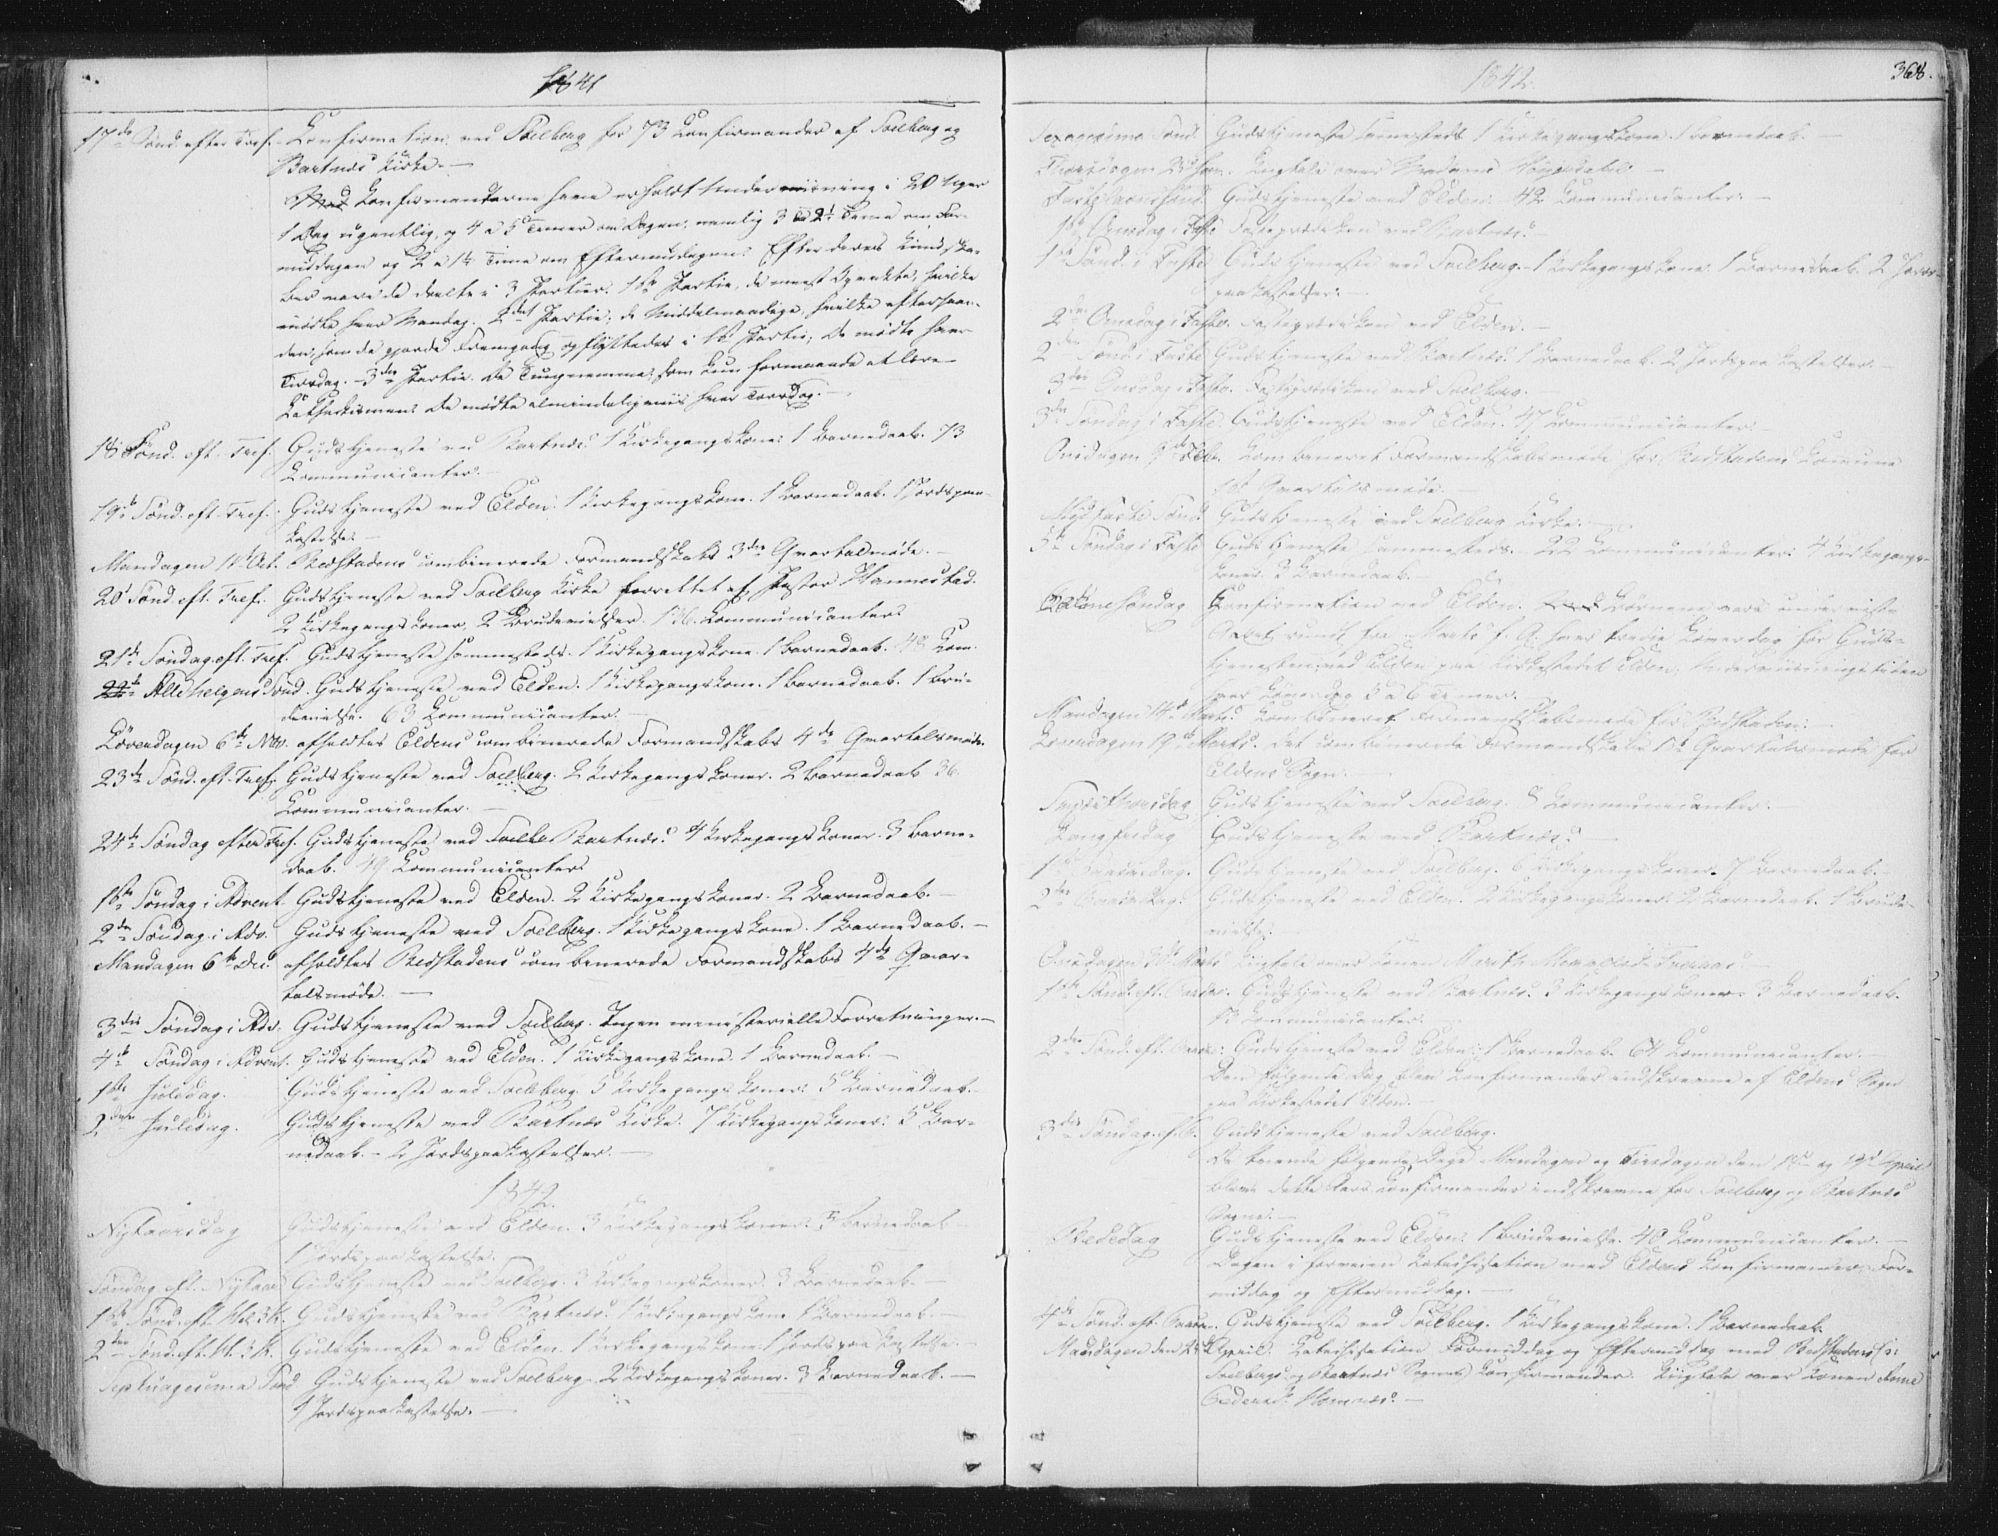 SAT, Ministerialprotokoller, klokkerbøker og fødselsregistre - Nord-Trøndelag, 741/L0392: Ministerialbok nr. 741A06, 1836-1848, s. 368